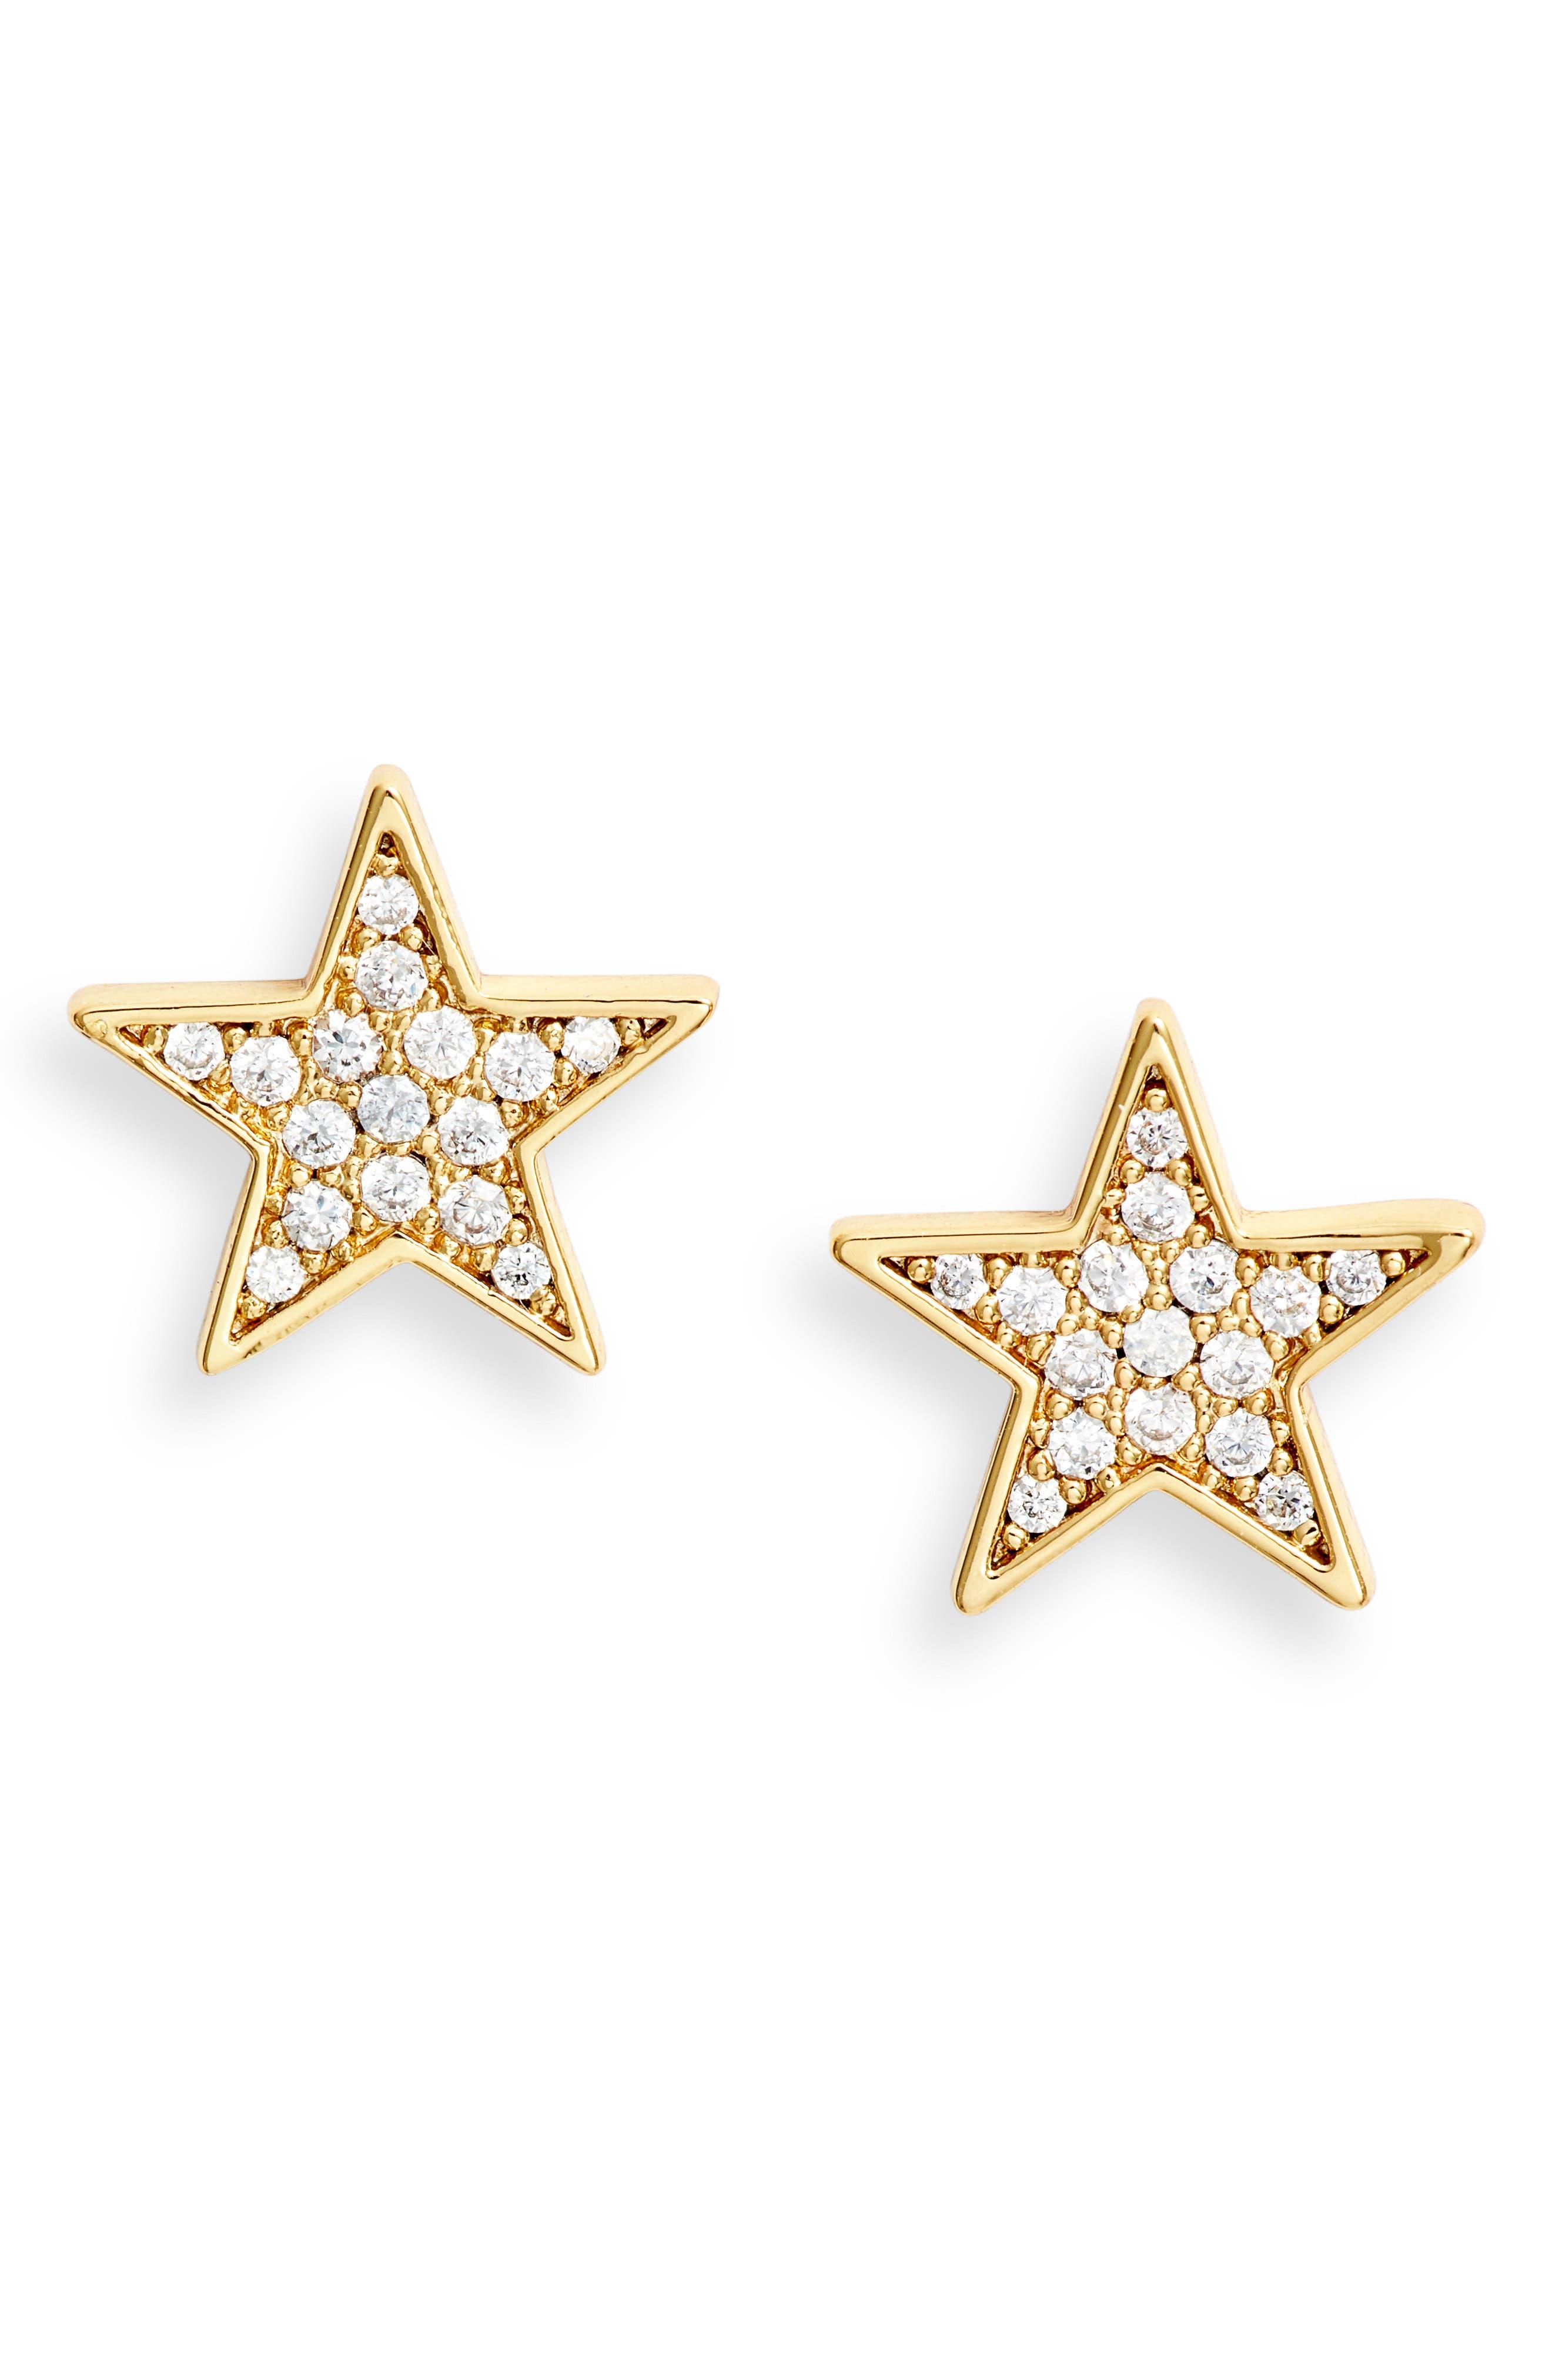 Image of Gorjana Super Star Shimmer Stud Earrings